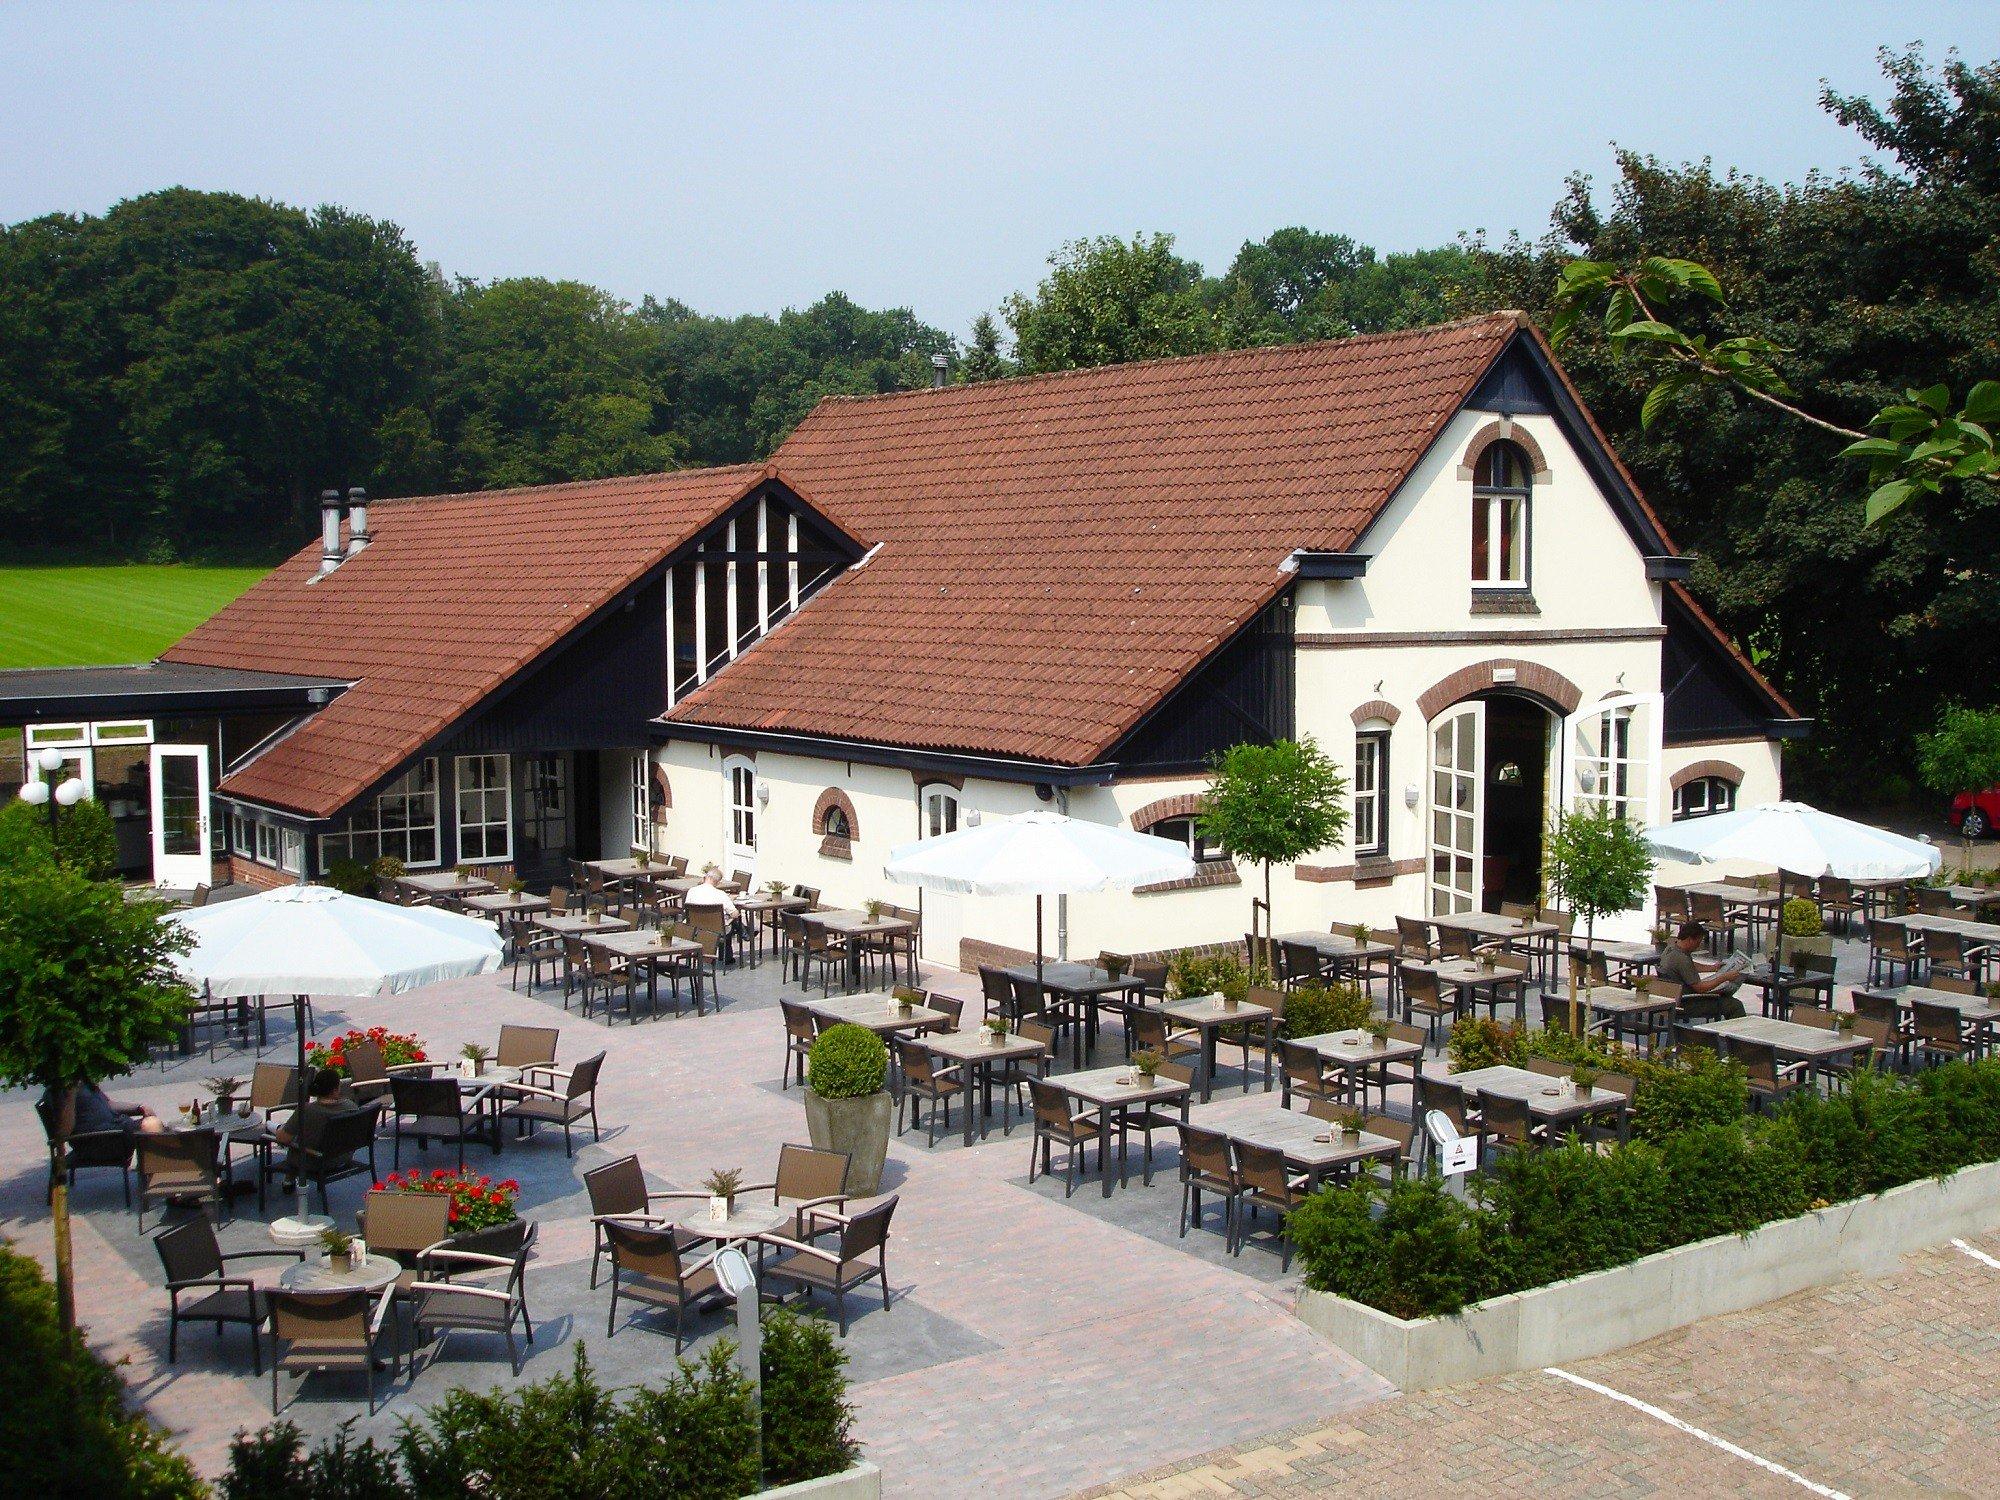 Dagaanbieding - 3 of 4 dagen 4*-hotel bij N.P. Veluwezoom incl. ontbijt dagelijkse koopjes